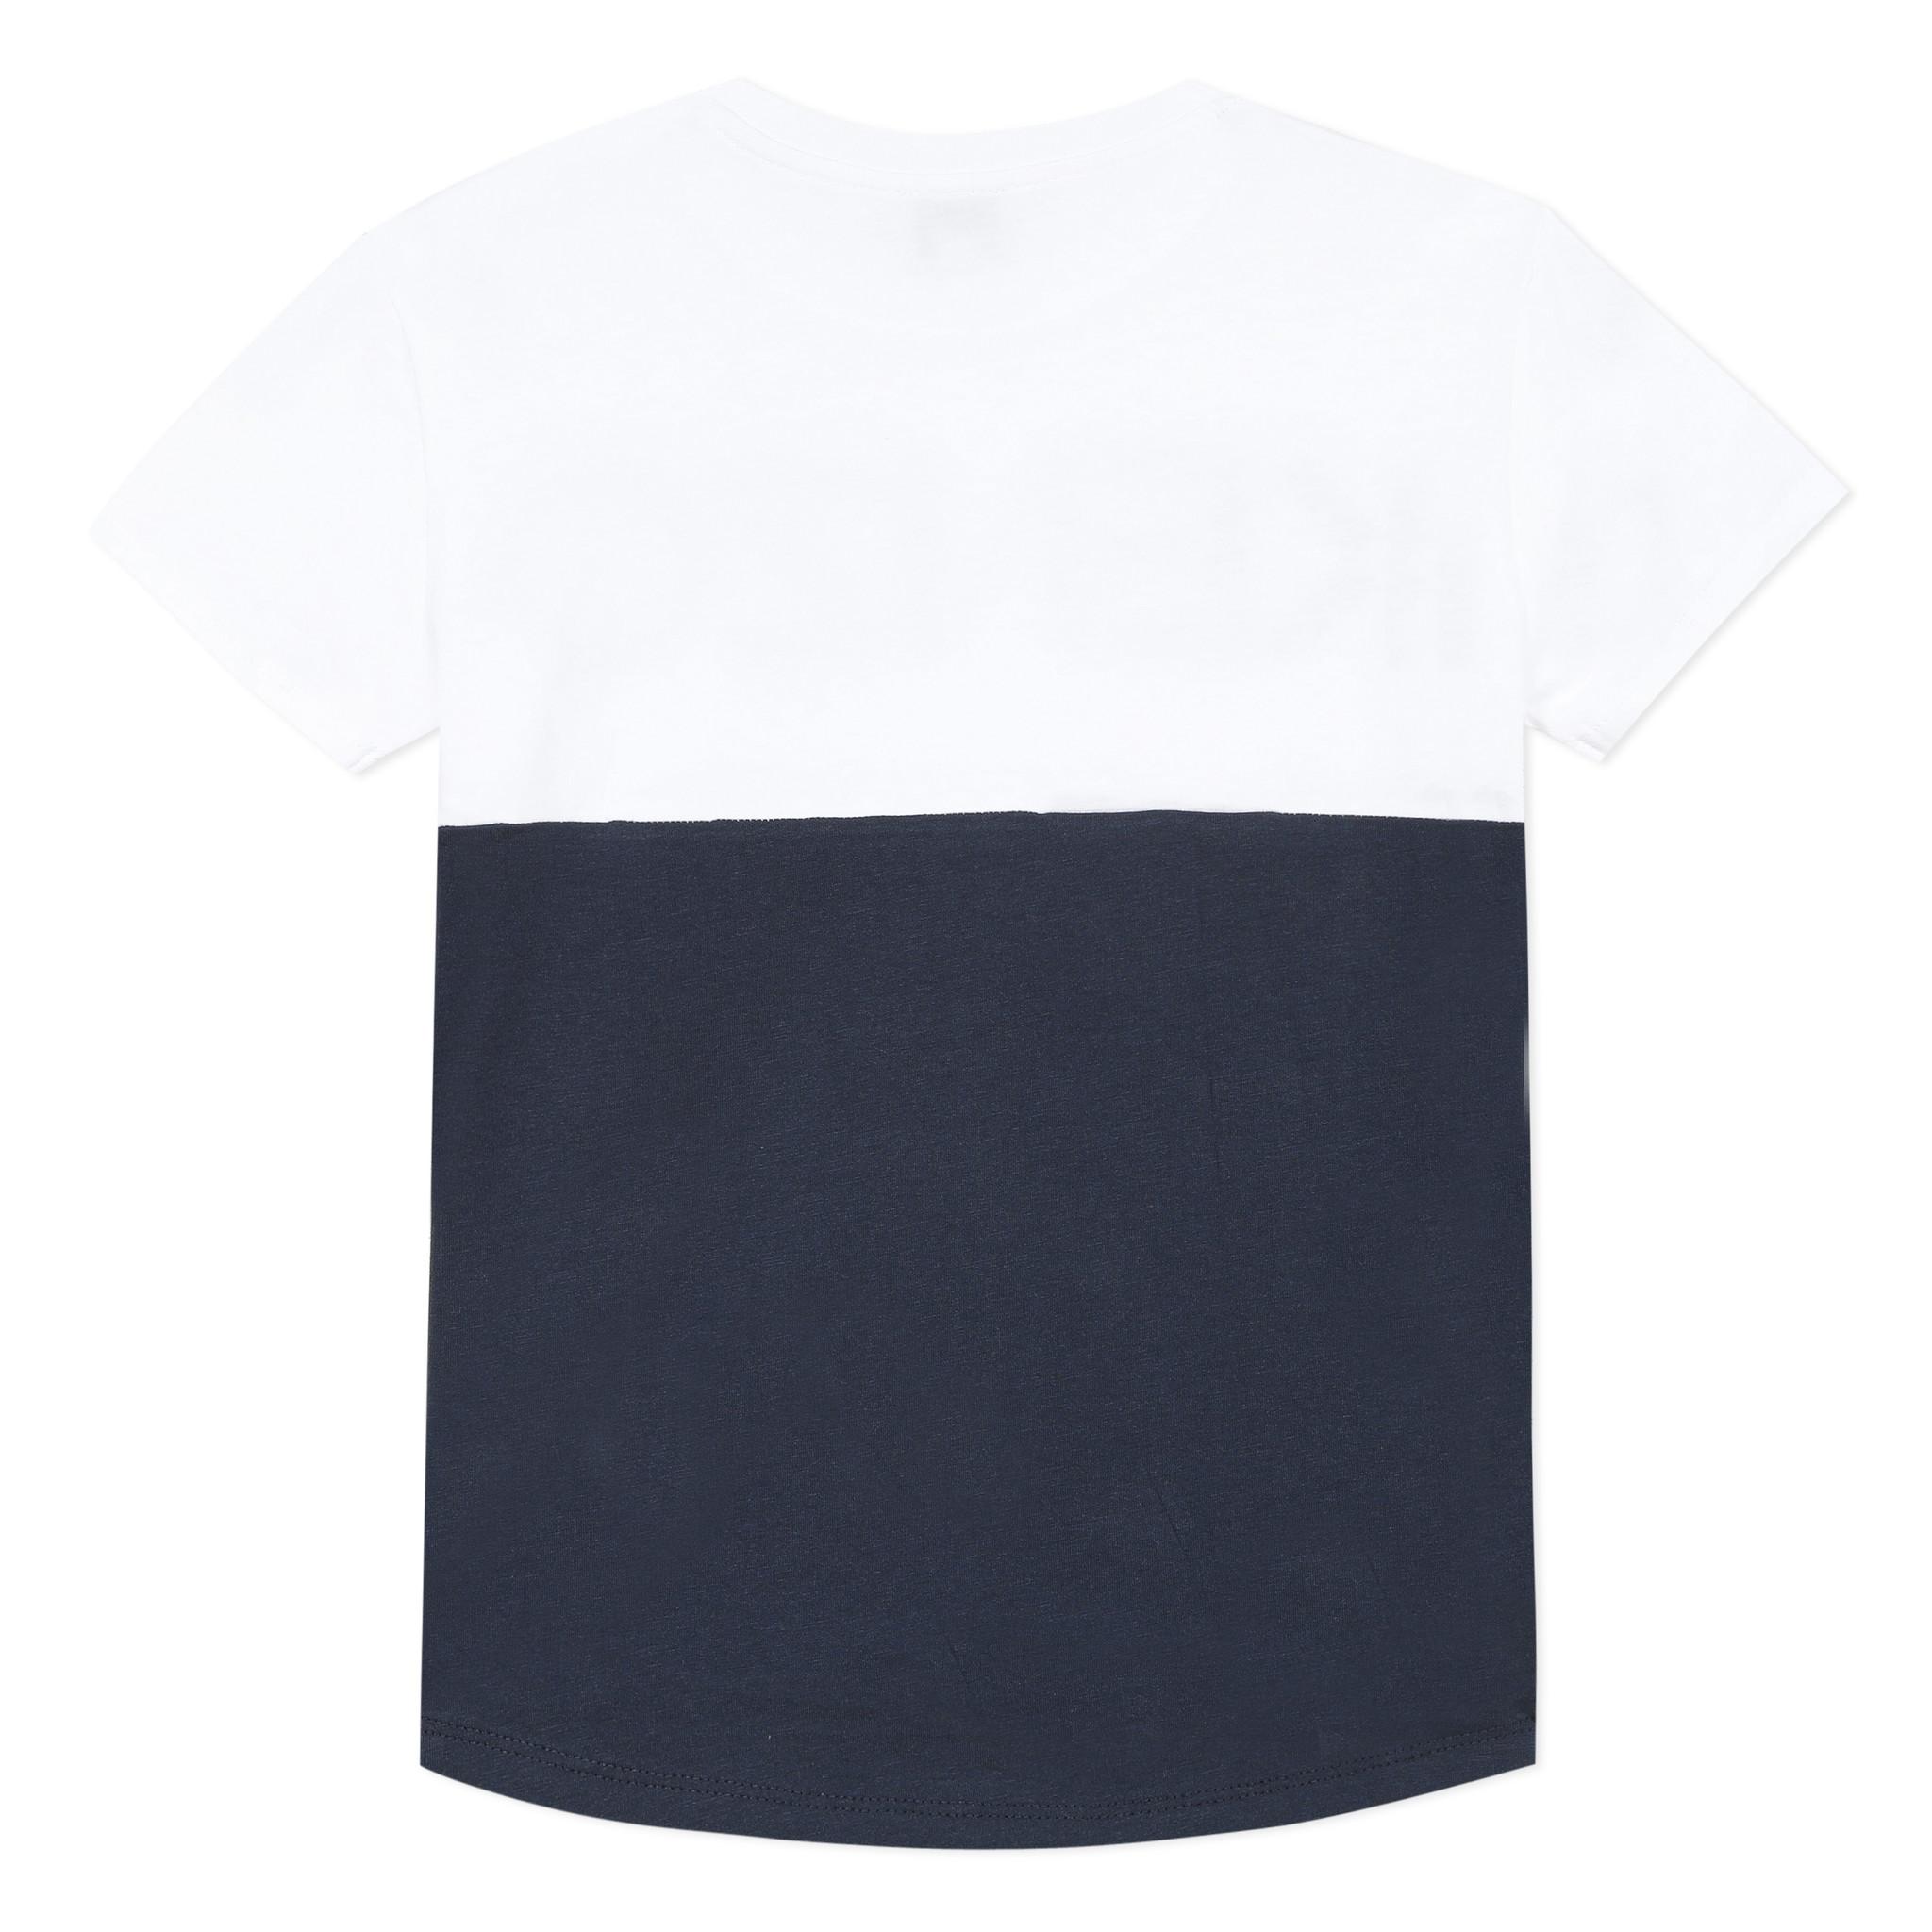 KENZO KIDS Tee-shirt-2